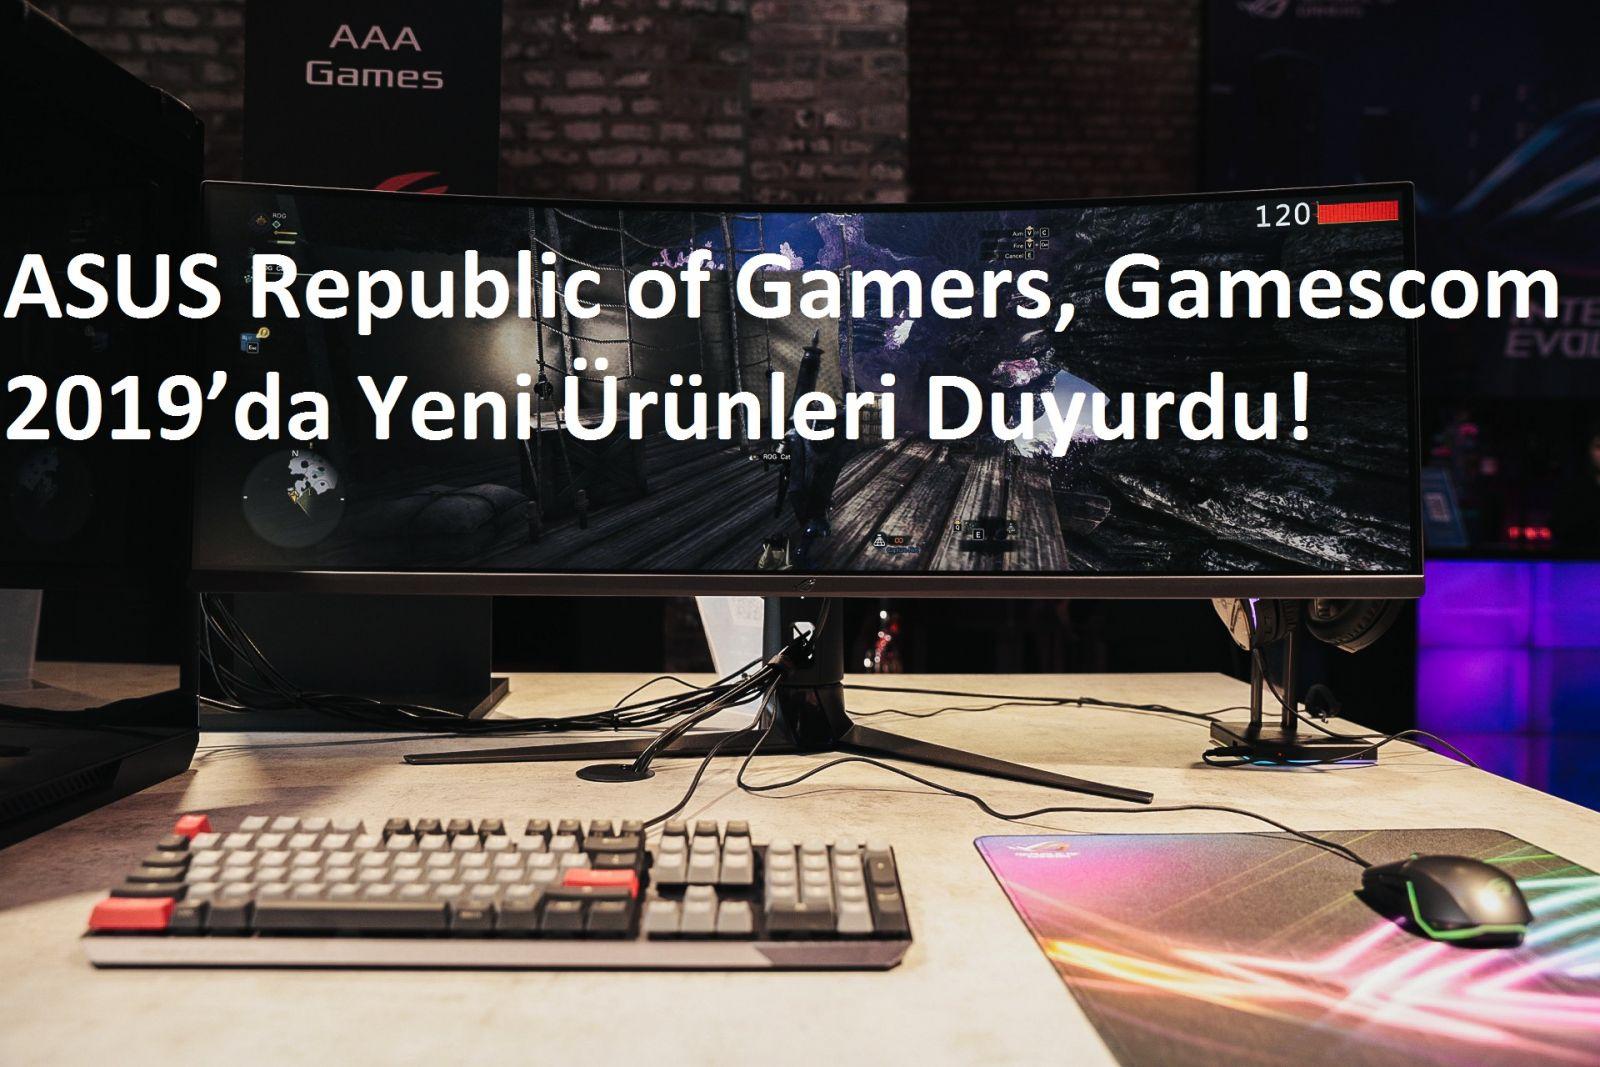 tekirdağ ASUS Republic of Gamers, Gamescom 2019'da Yeni Ürünleri Duyurdu!